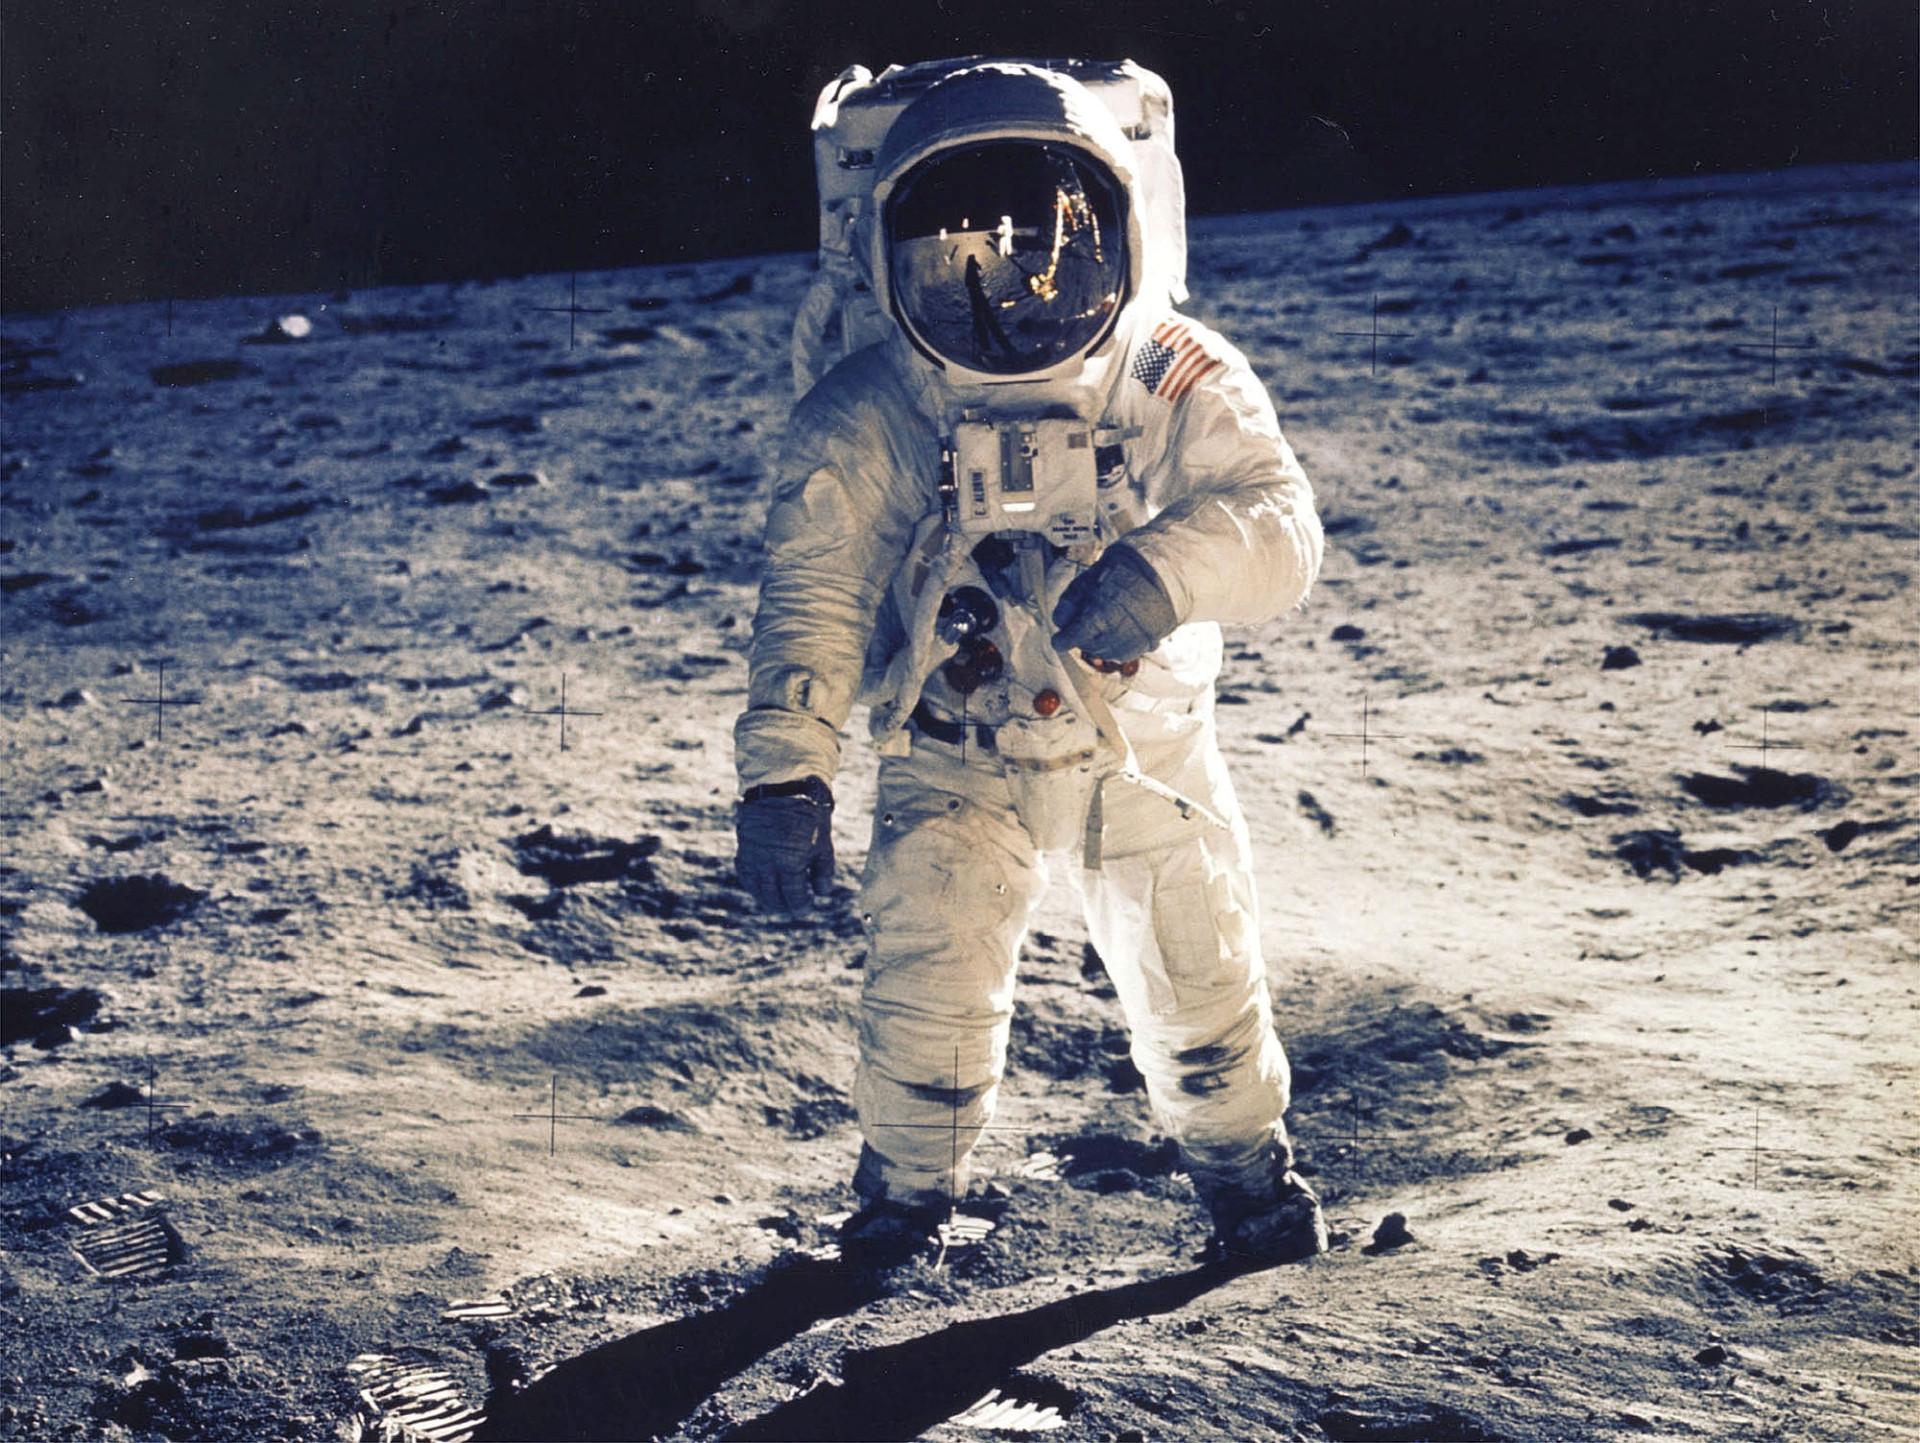 Apollo 11: a missão que marcou a chegada do primeiro homem na Lua